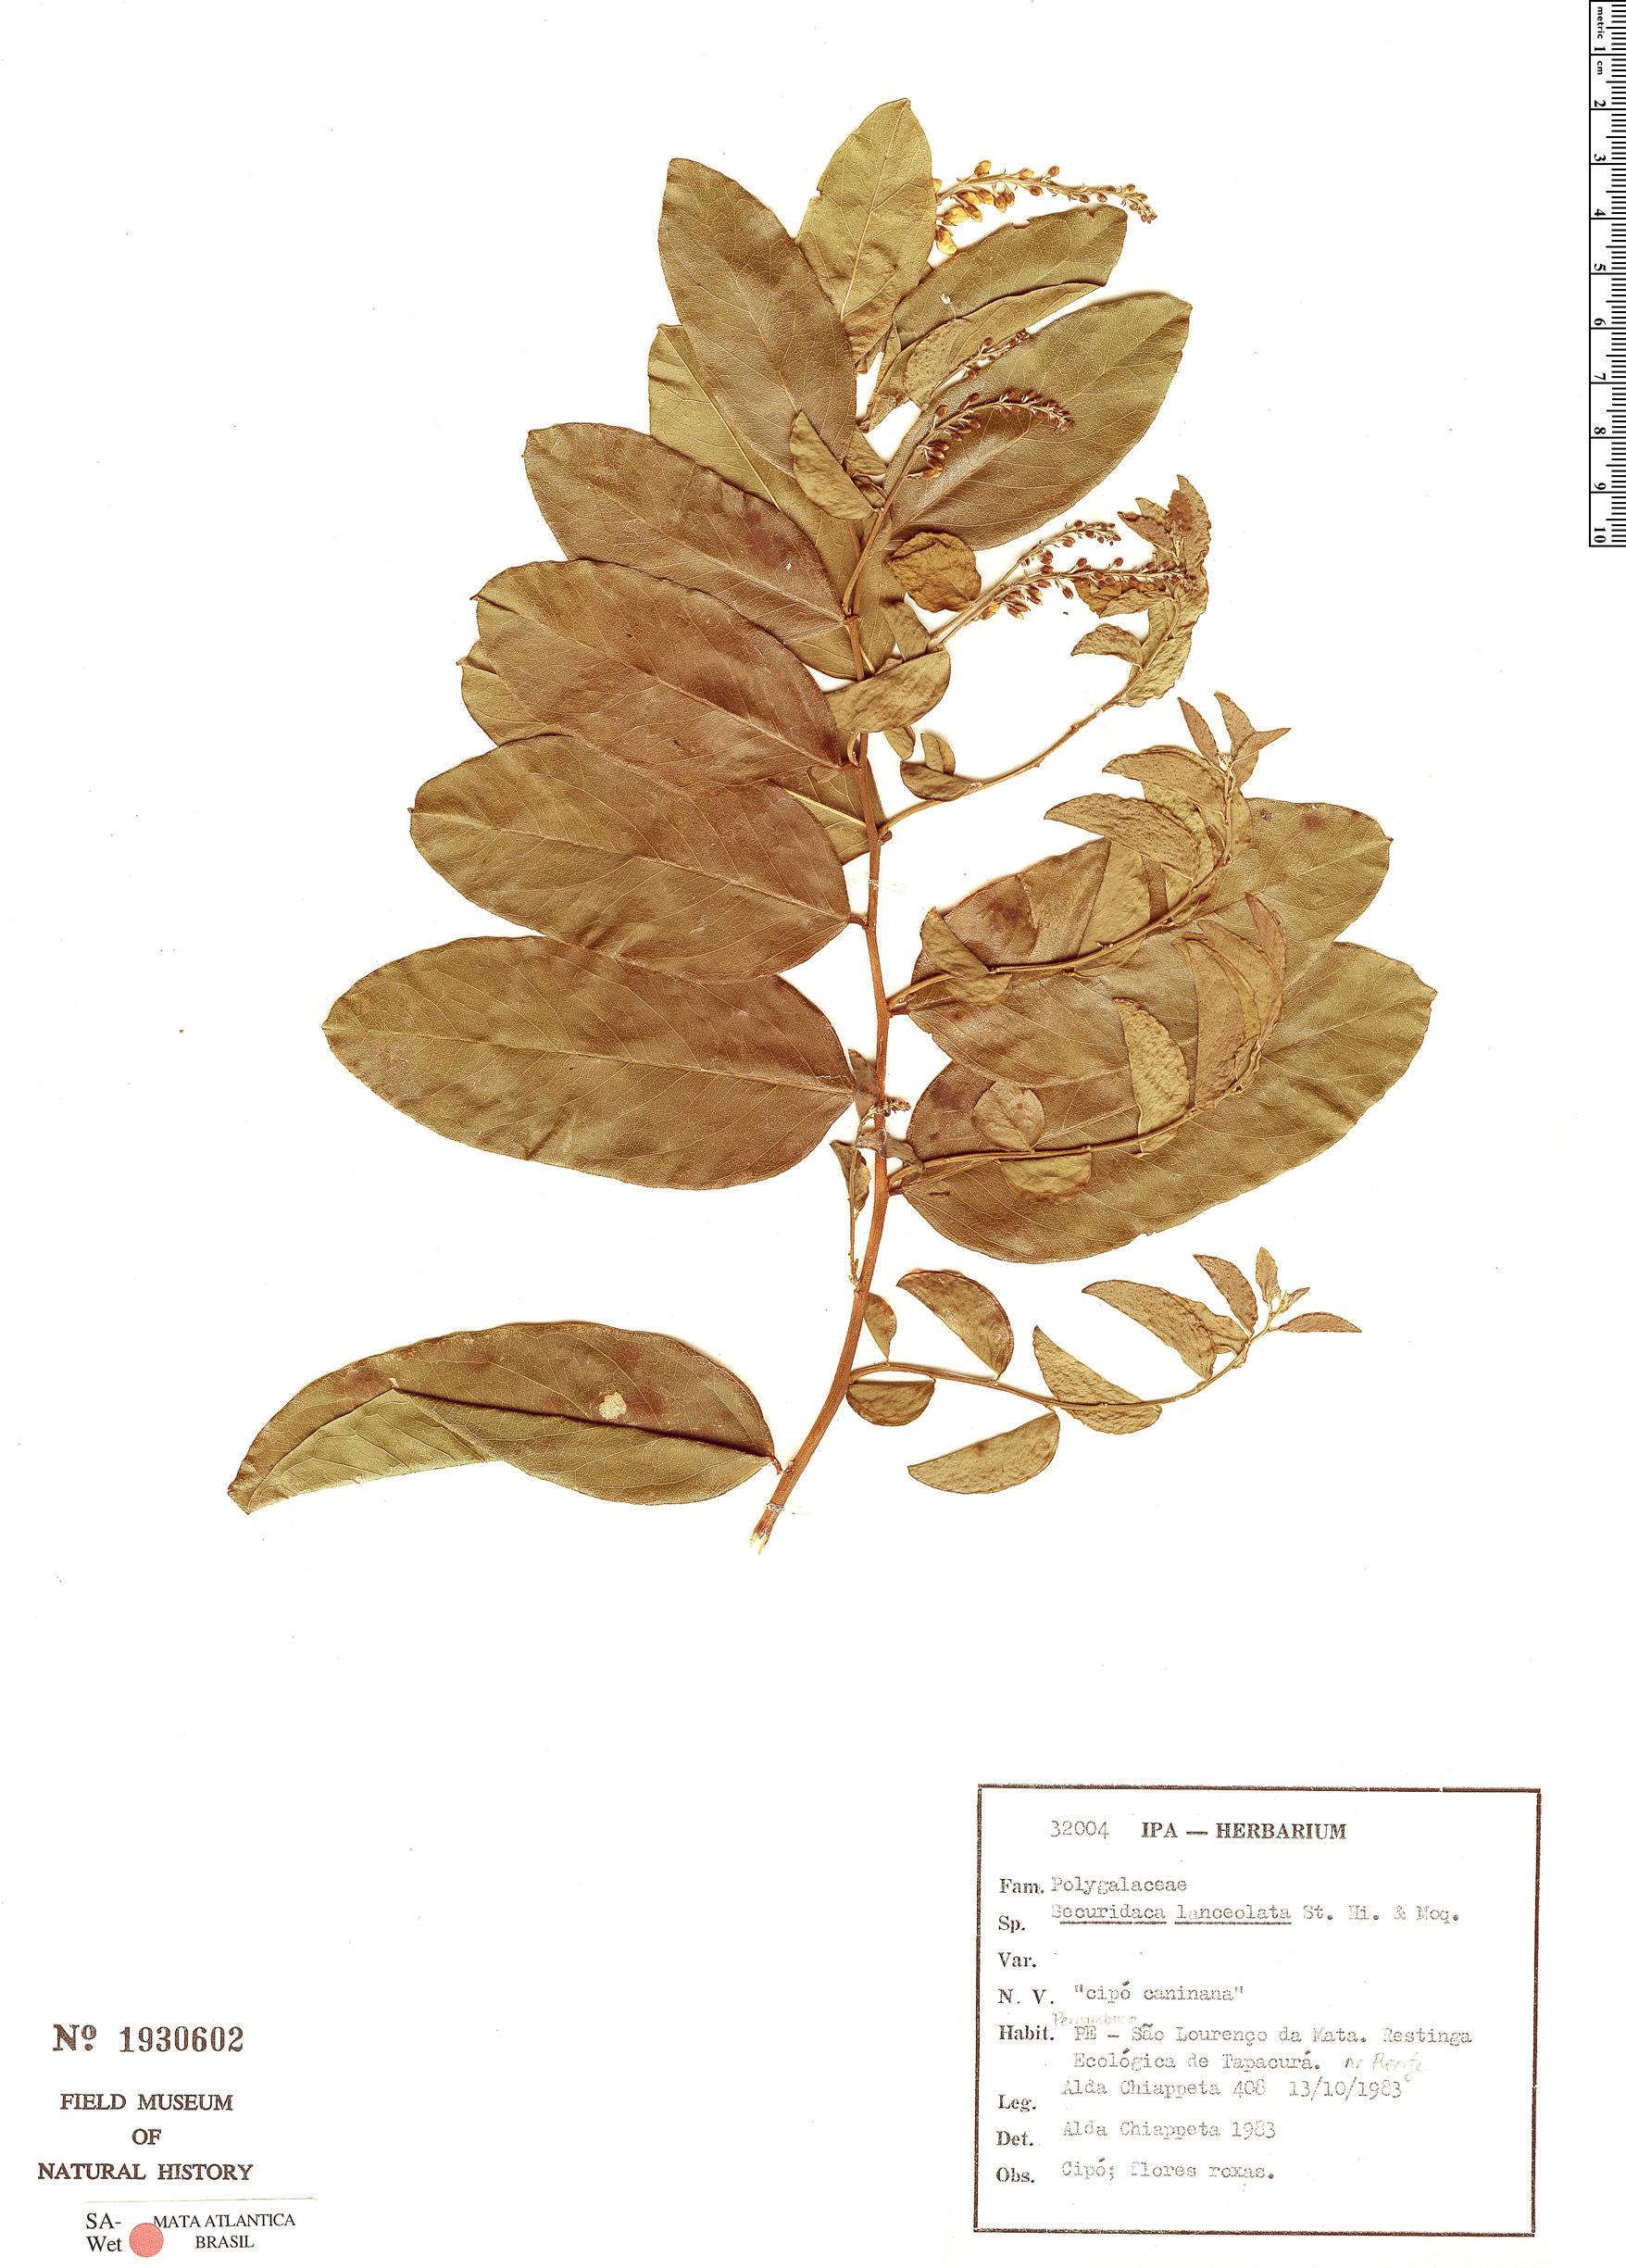 Specimen: Securidaca lanceolata